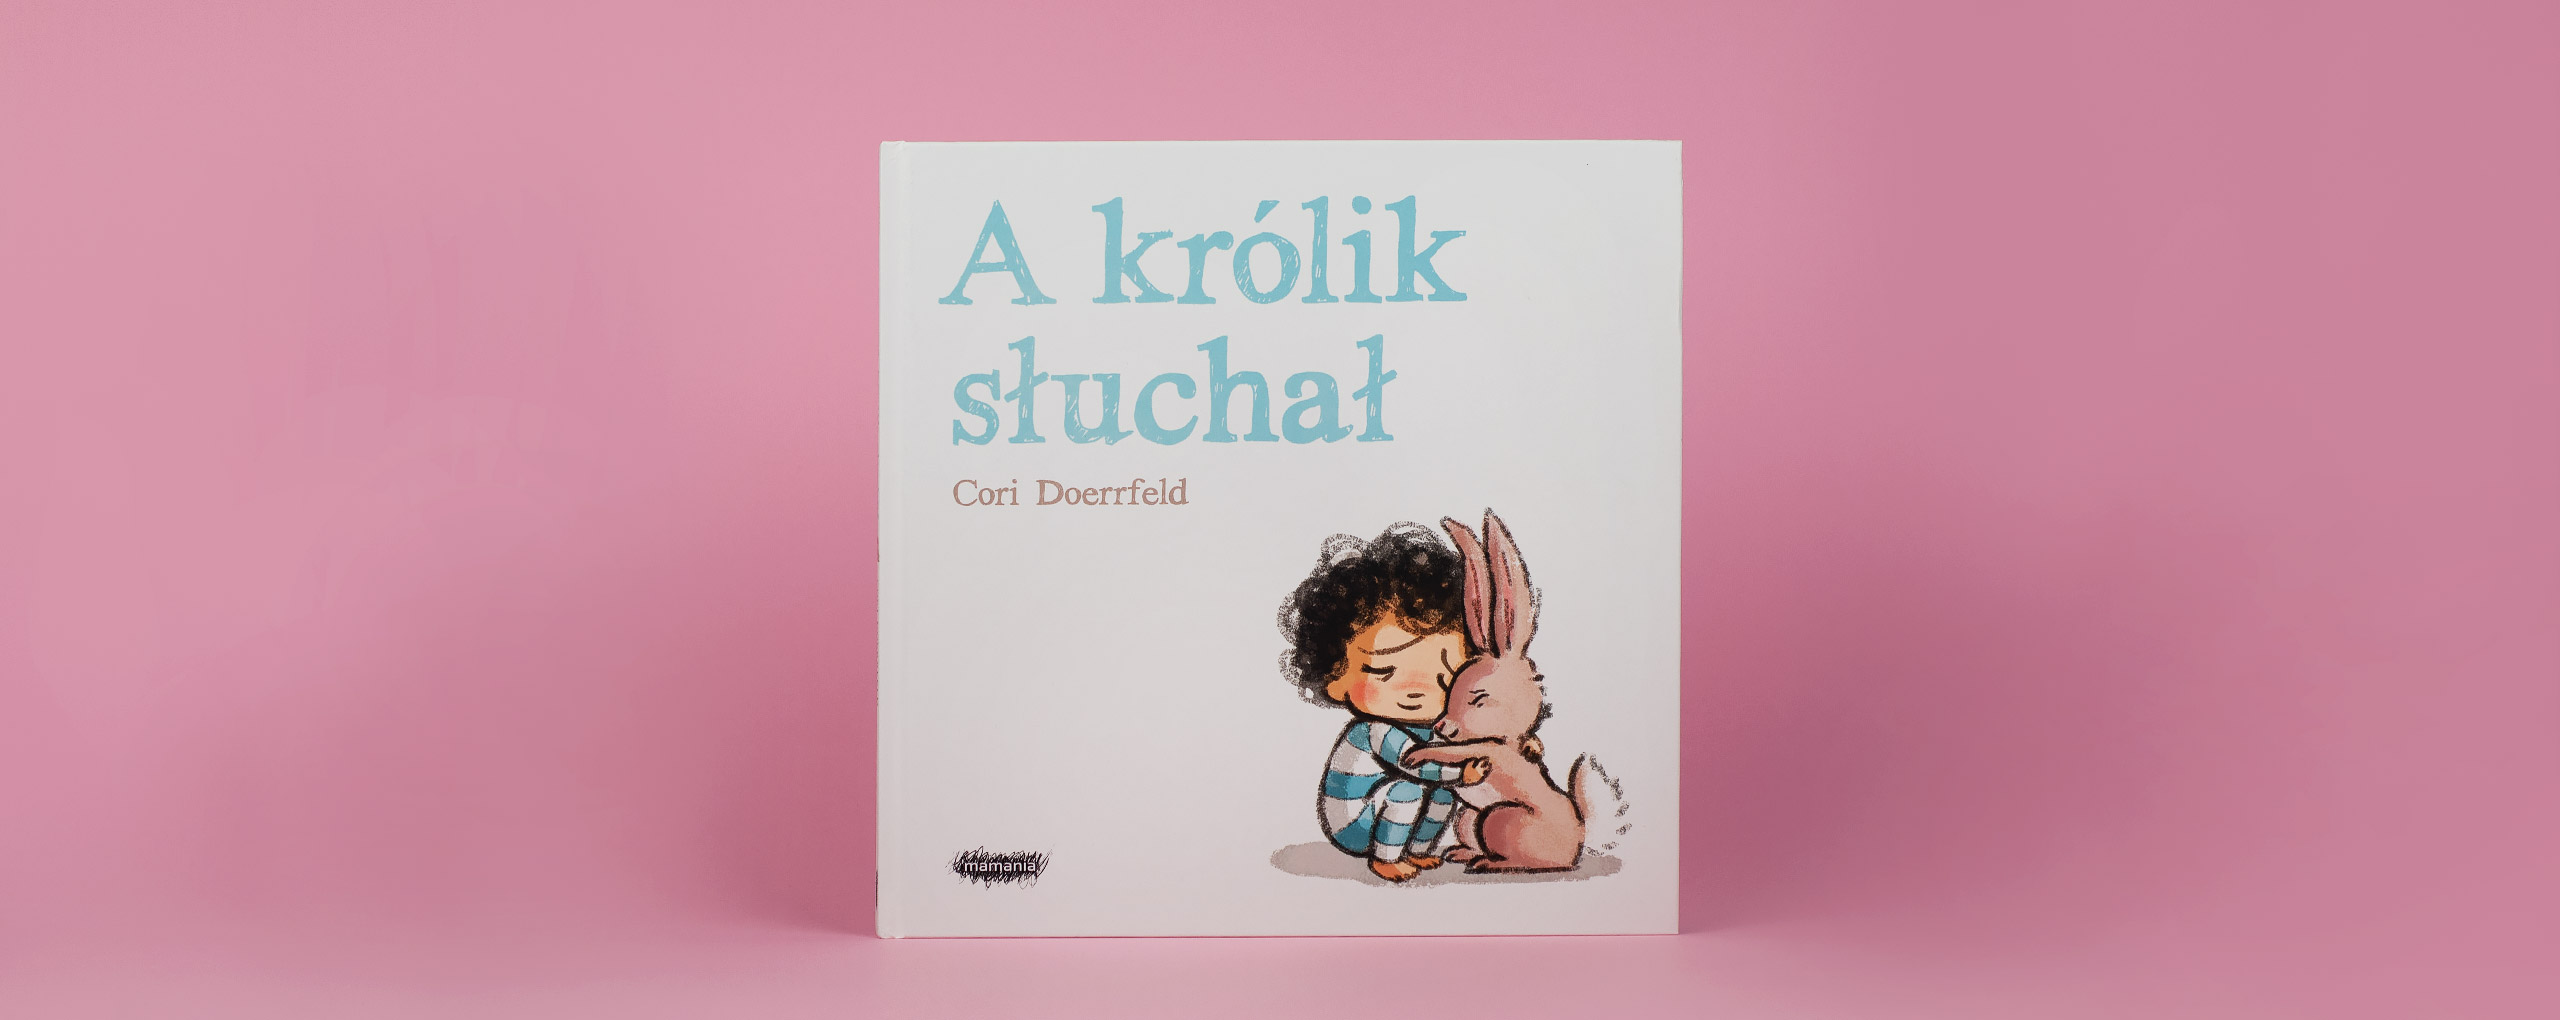 A królik słuchał - Cori Doerrfeld